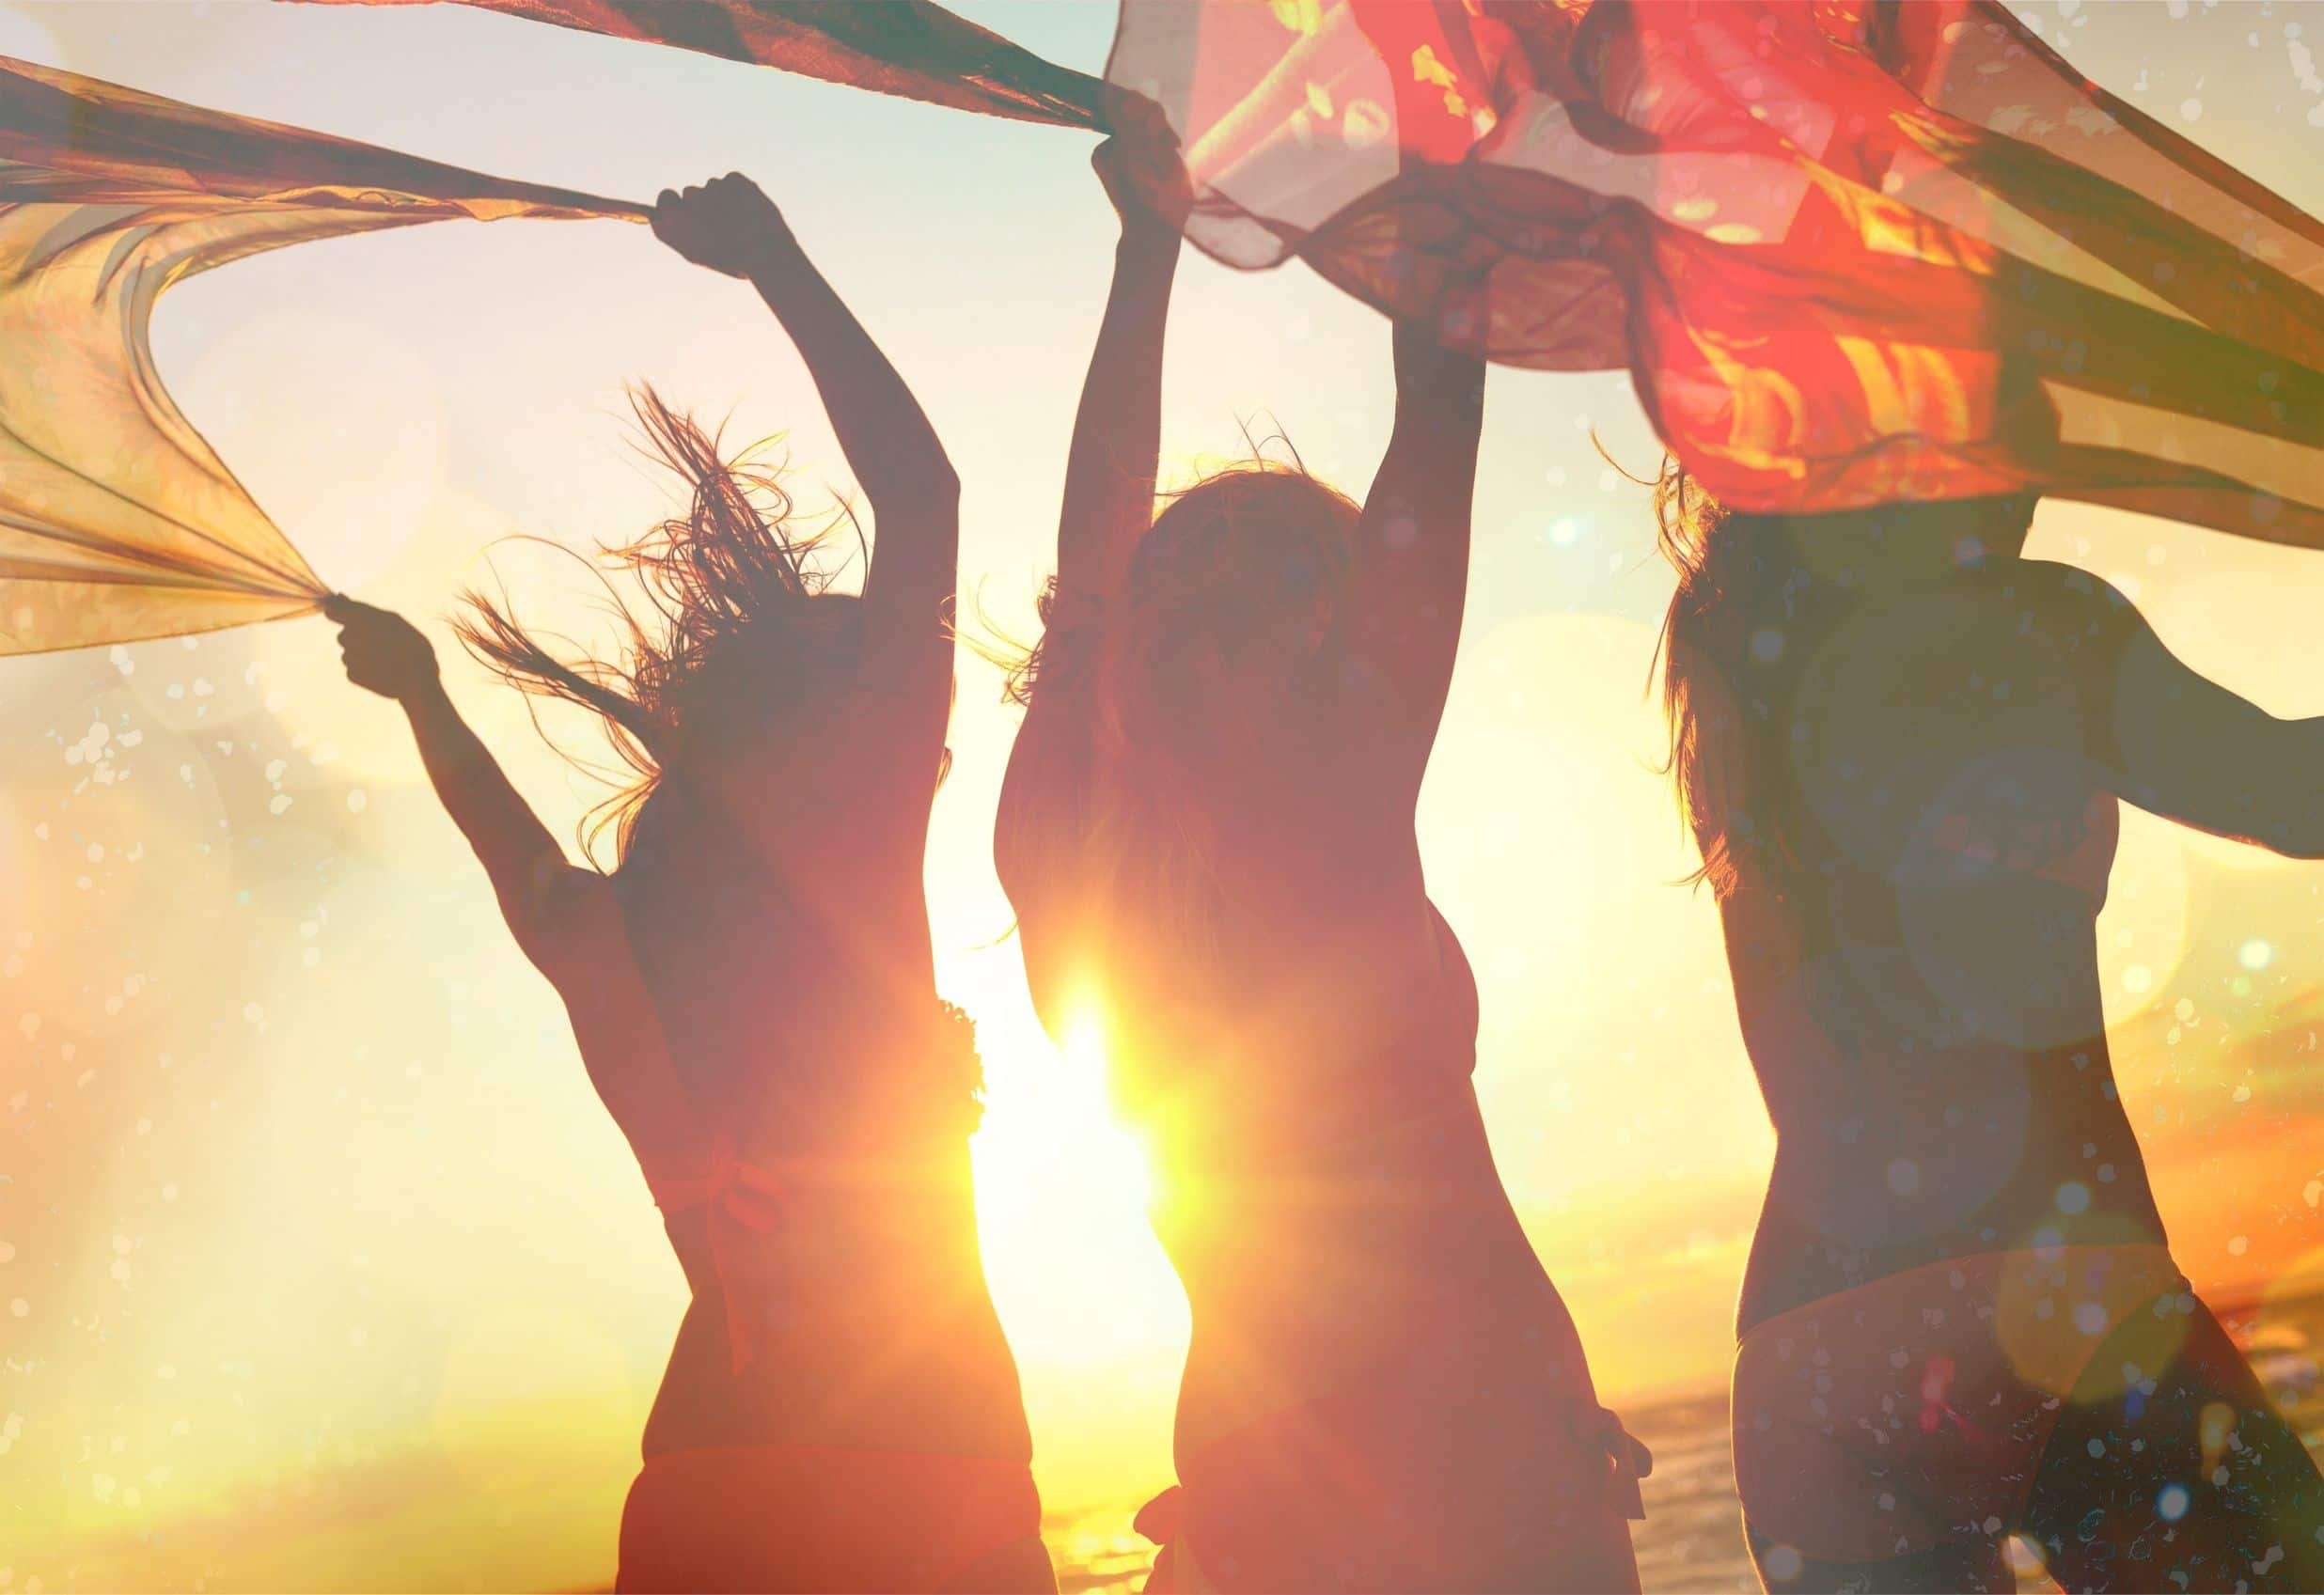 Silhueta de três mulheres pulando, com os braços levantados, segurando panos e correndo em direção o sol.